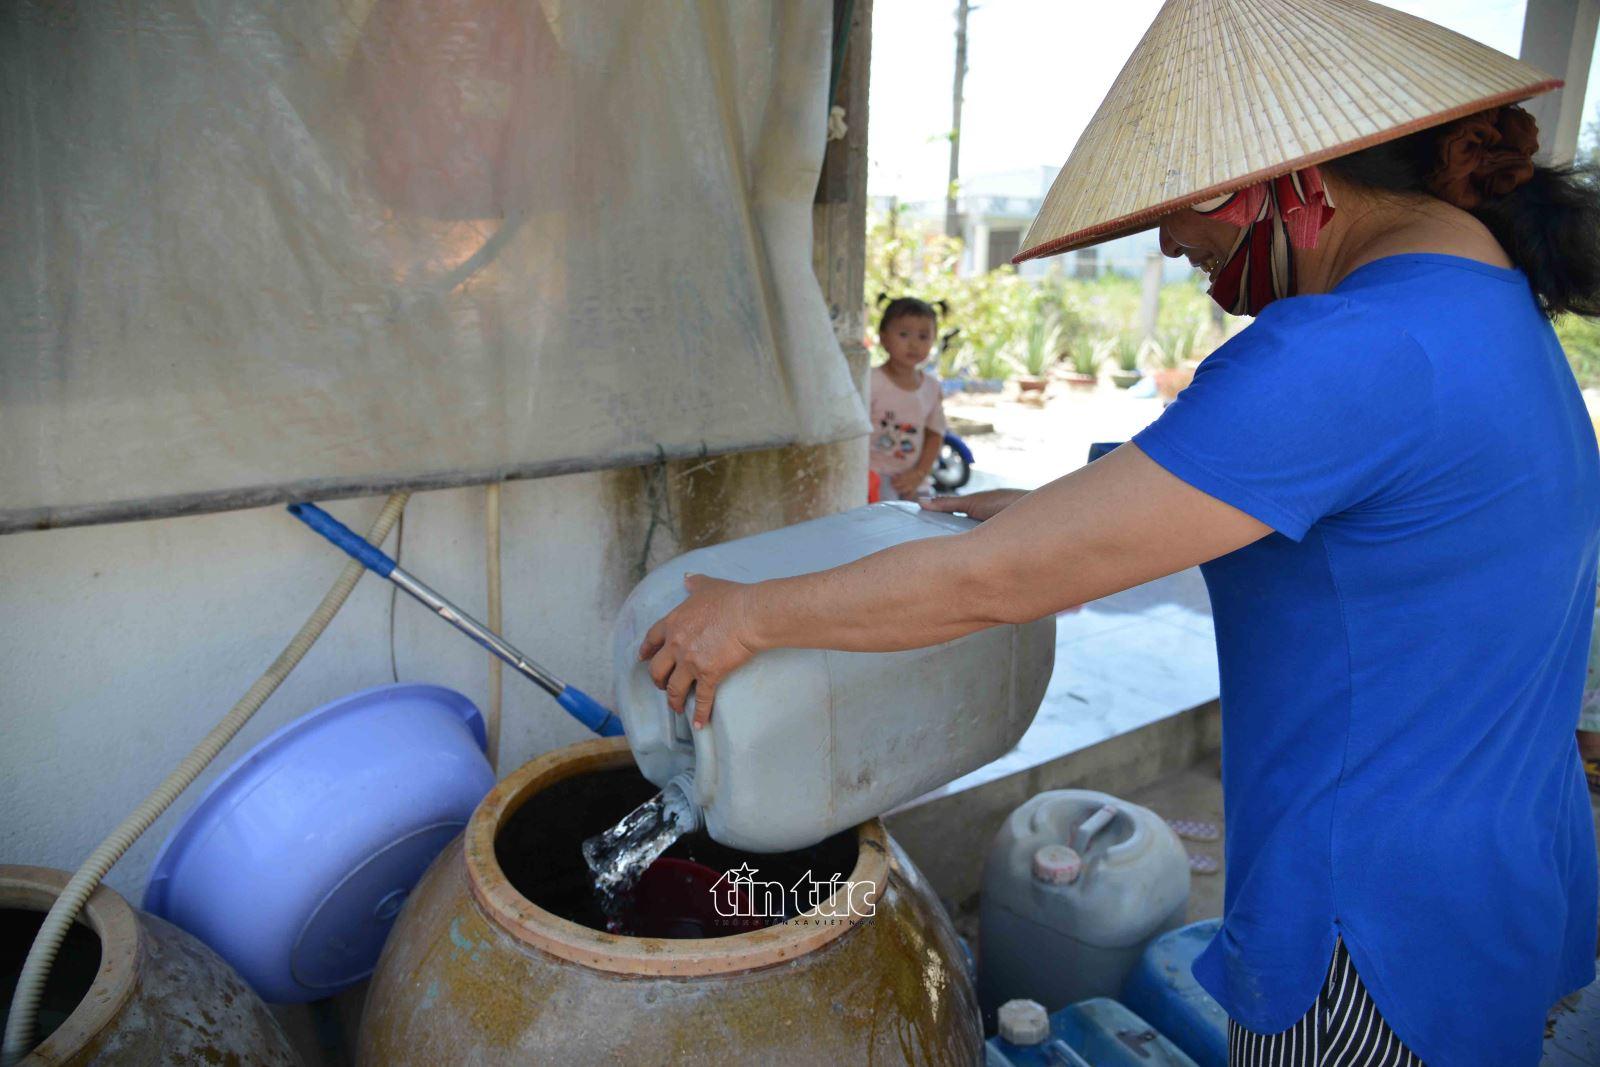 Những can nước sạch sau khi lấy về người dân sẽ trữ trong các lu để dùng dần.